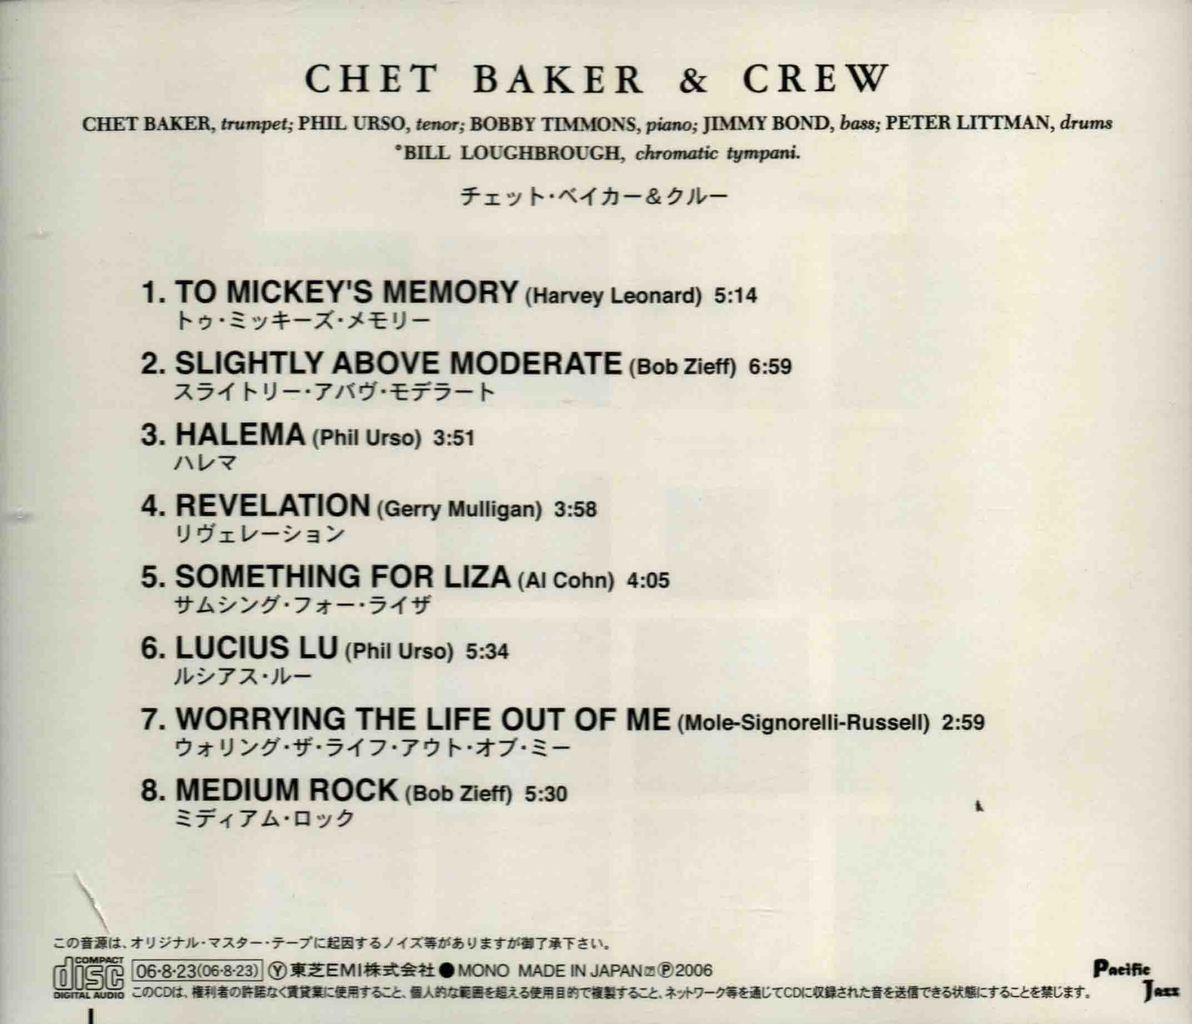 CHET BAKER & CREW-2